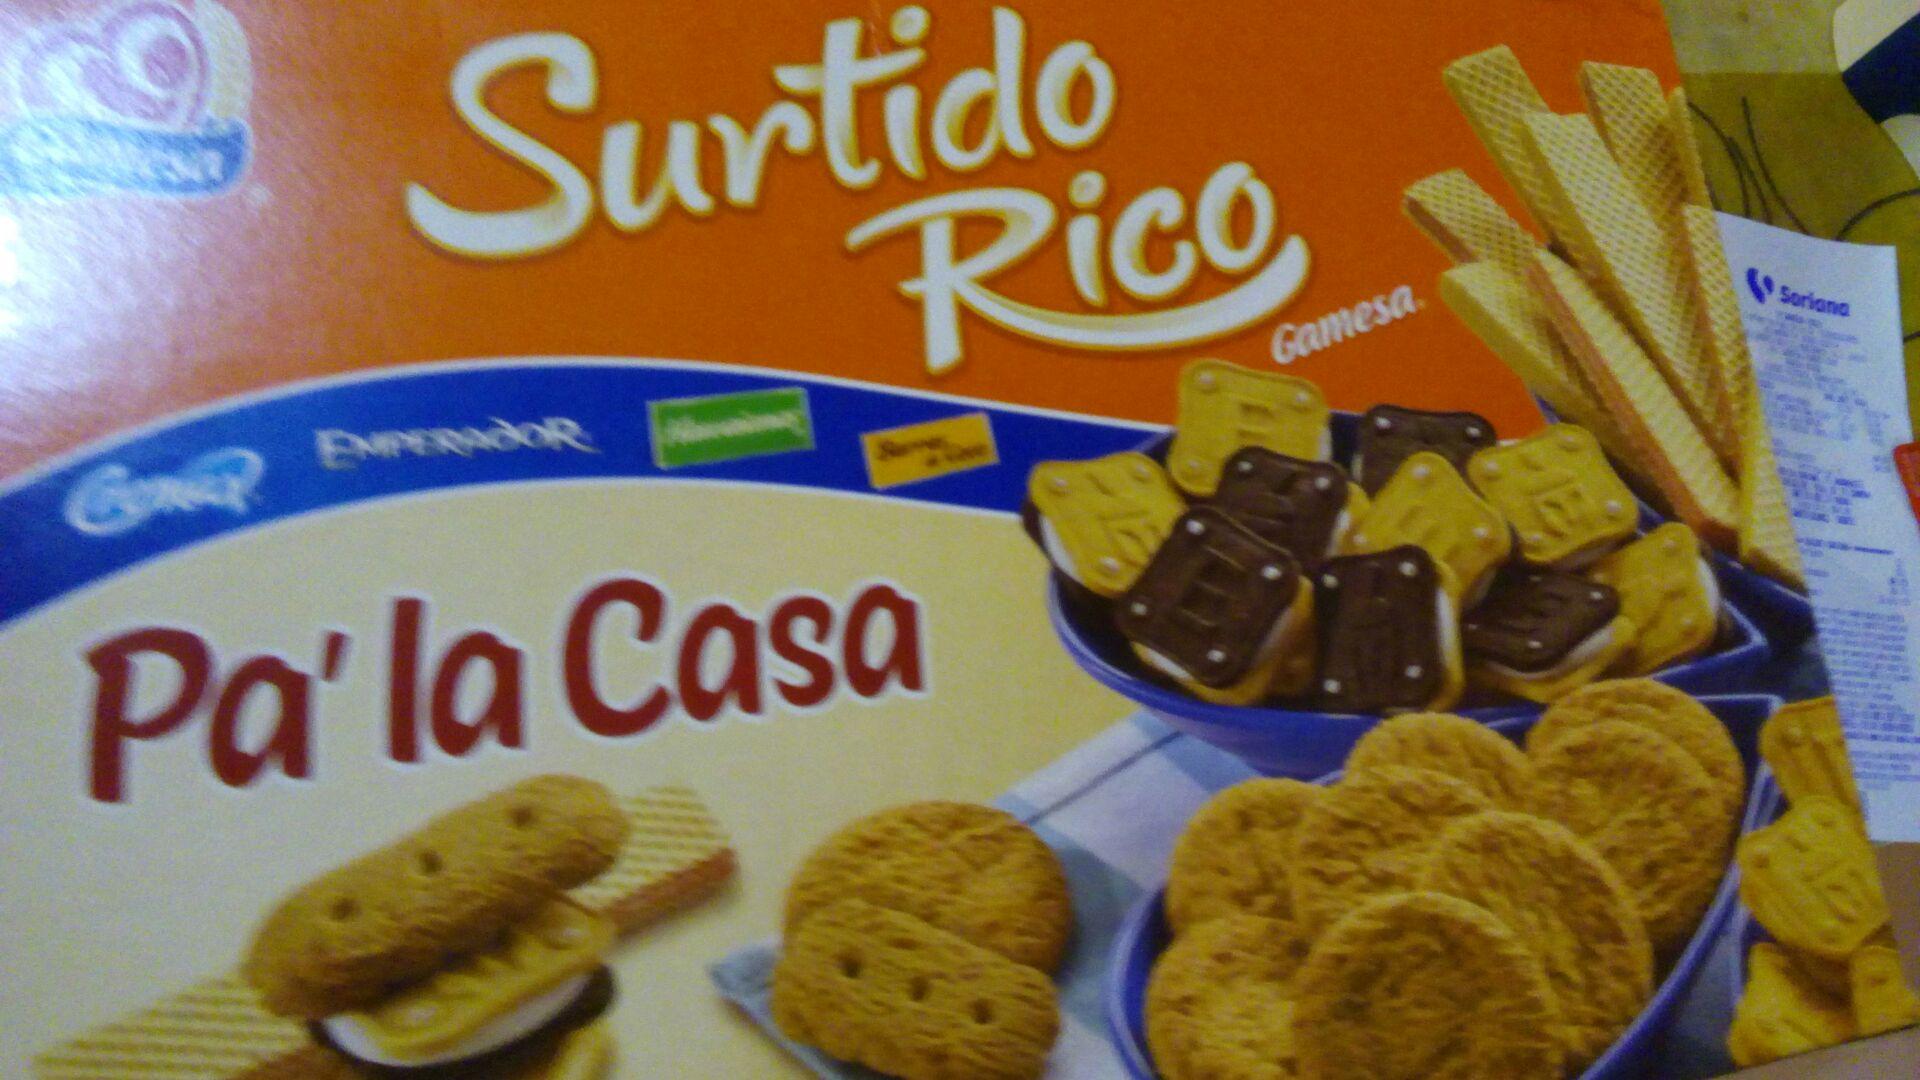 Soriana: Surtido Rico Gamesa la segunda a mitad de precio